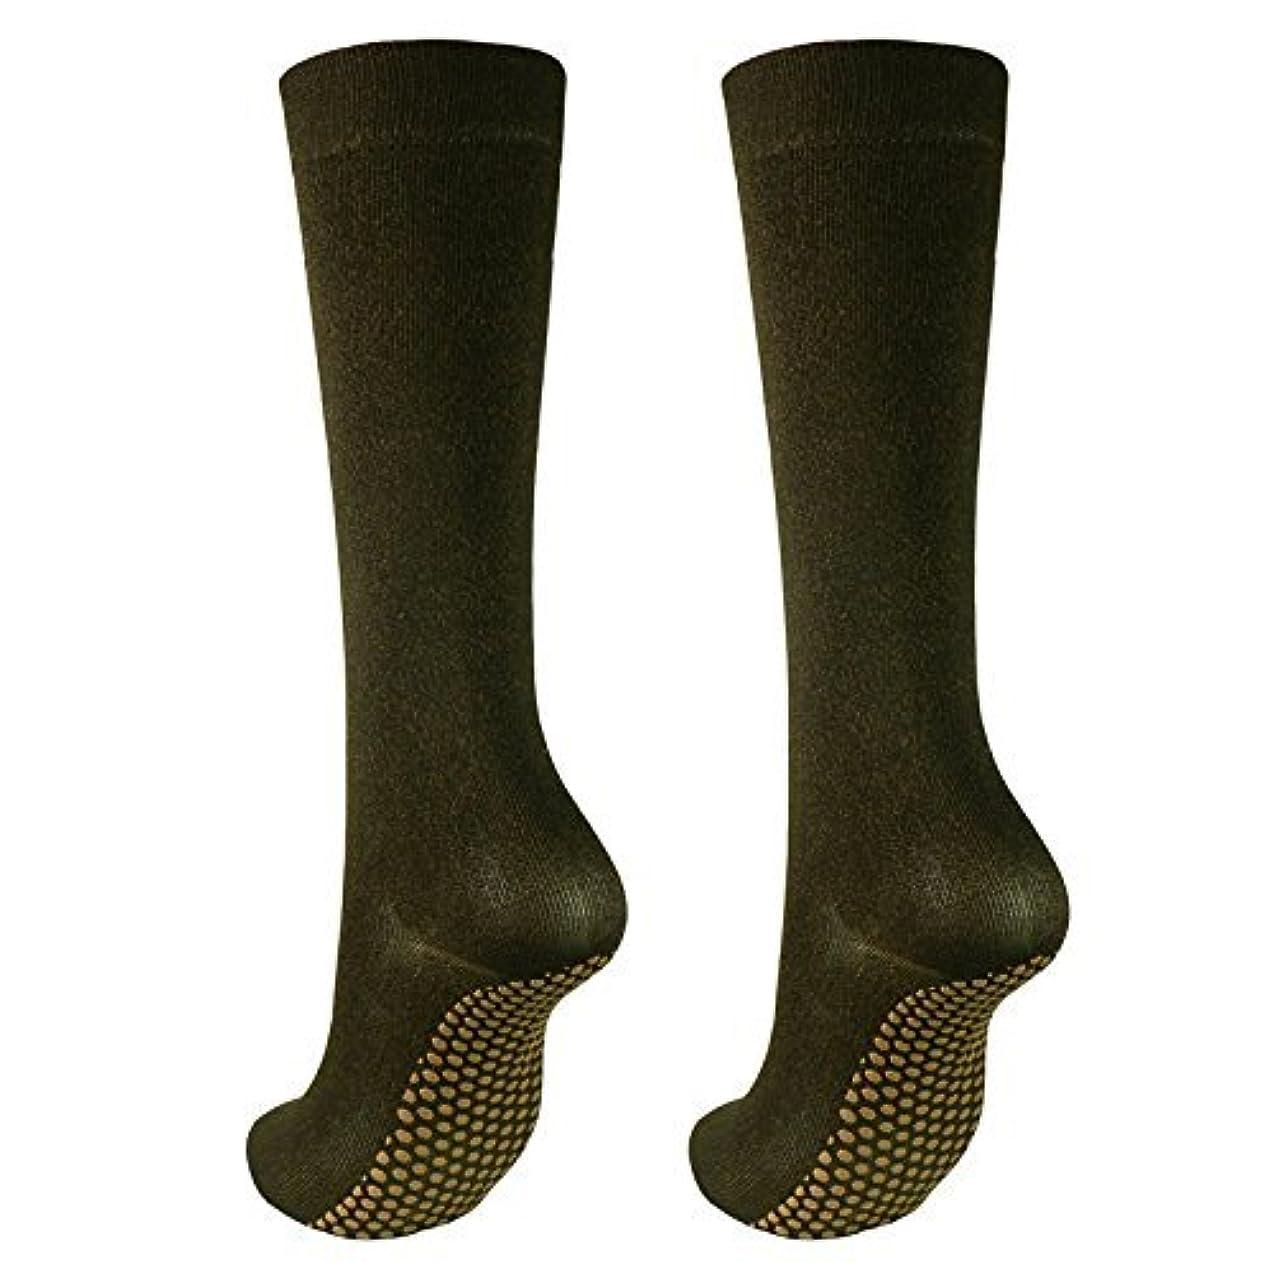 急速な弓コークス銅繊維靴下「足もとはいつも青春」ハイソックスタイプ2足セット?静電気対策にも